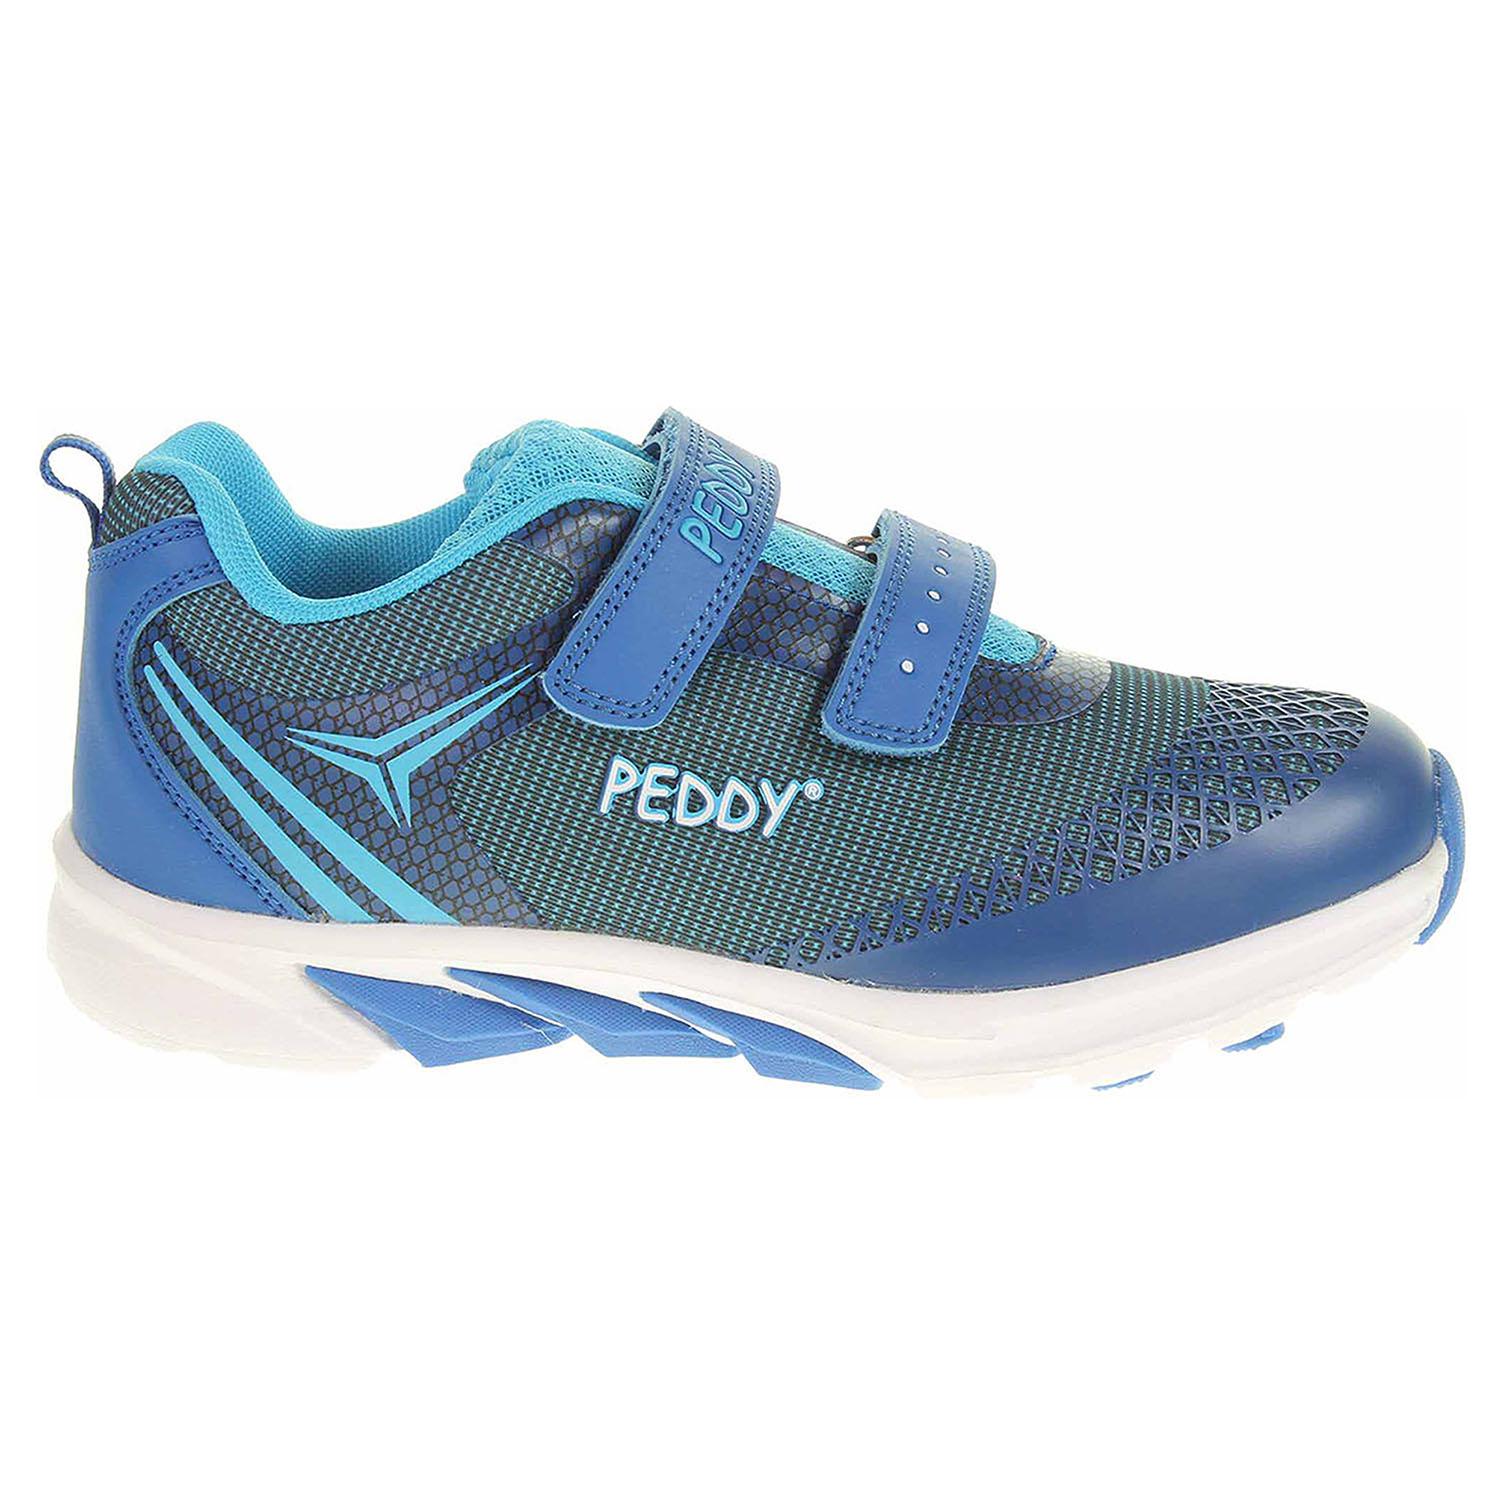 Ecco Peddy chlapecká obuv PY-507-27-05 modrá 29700105